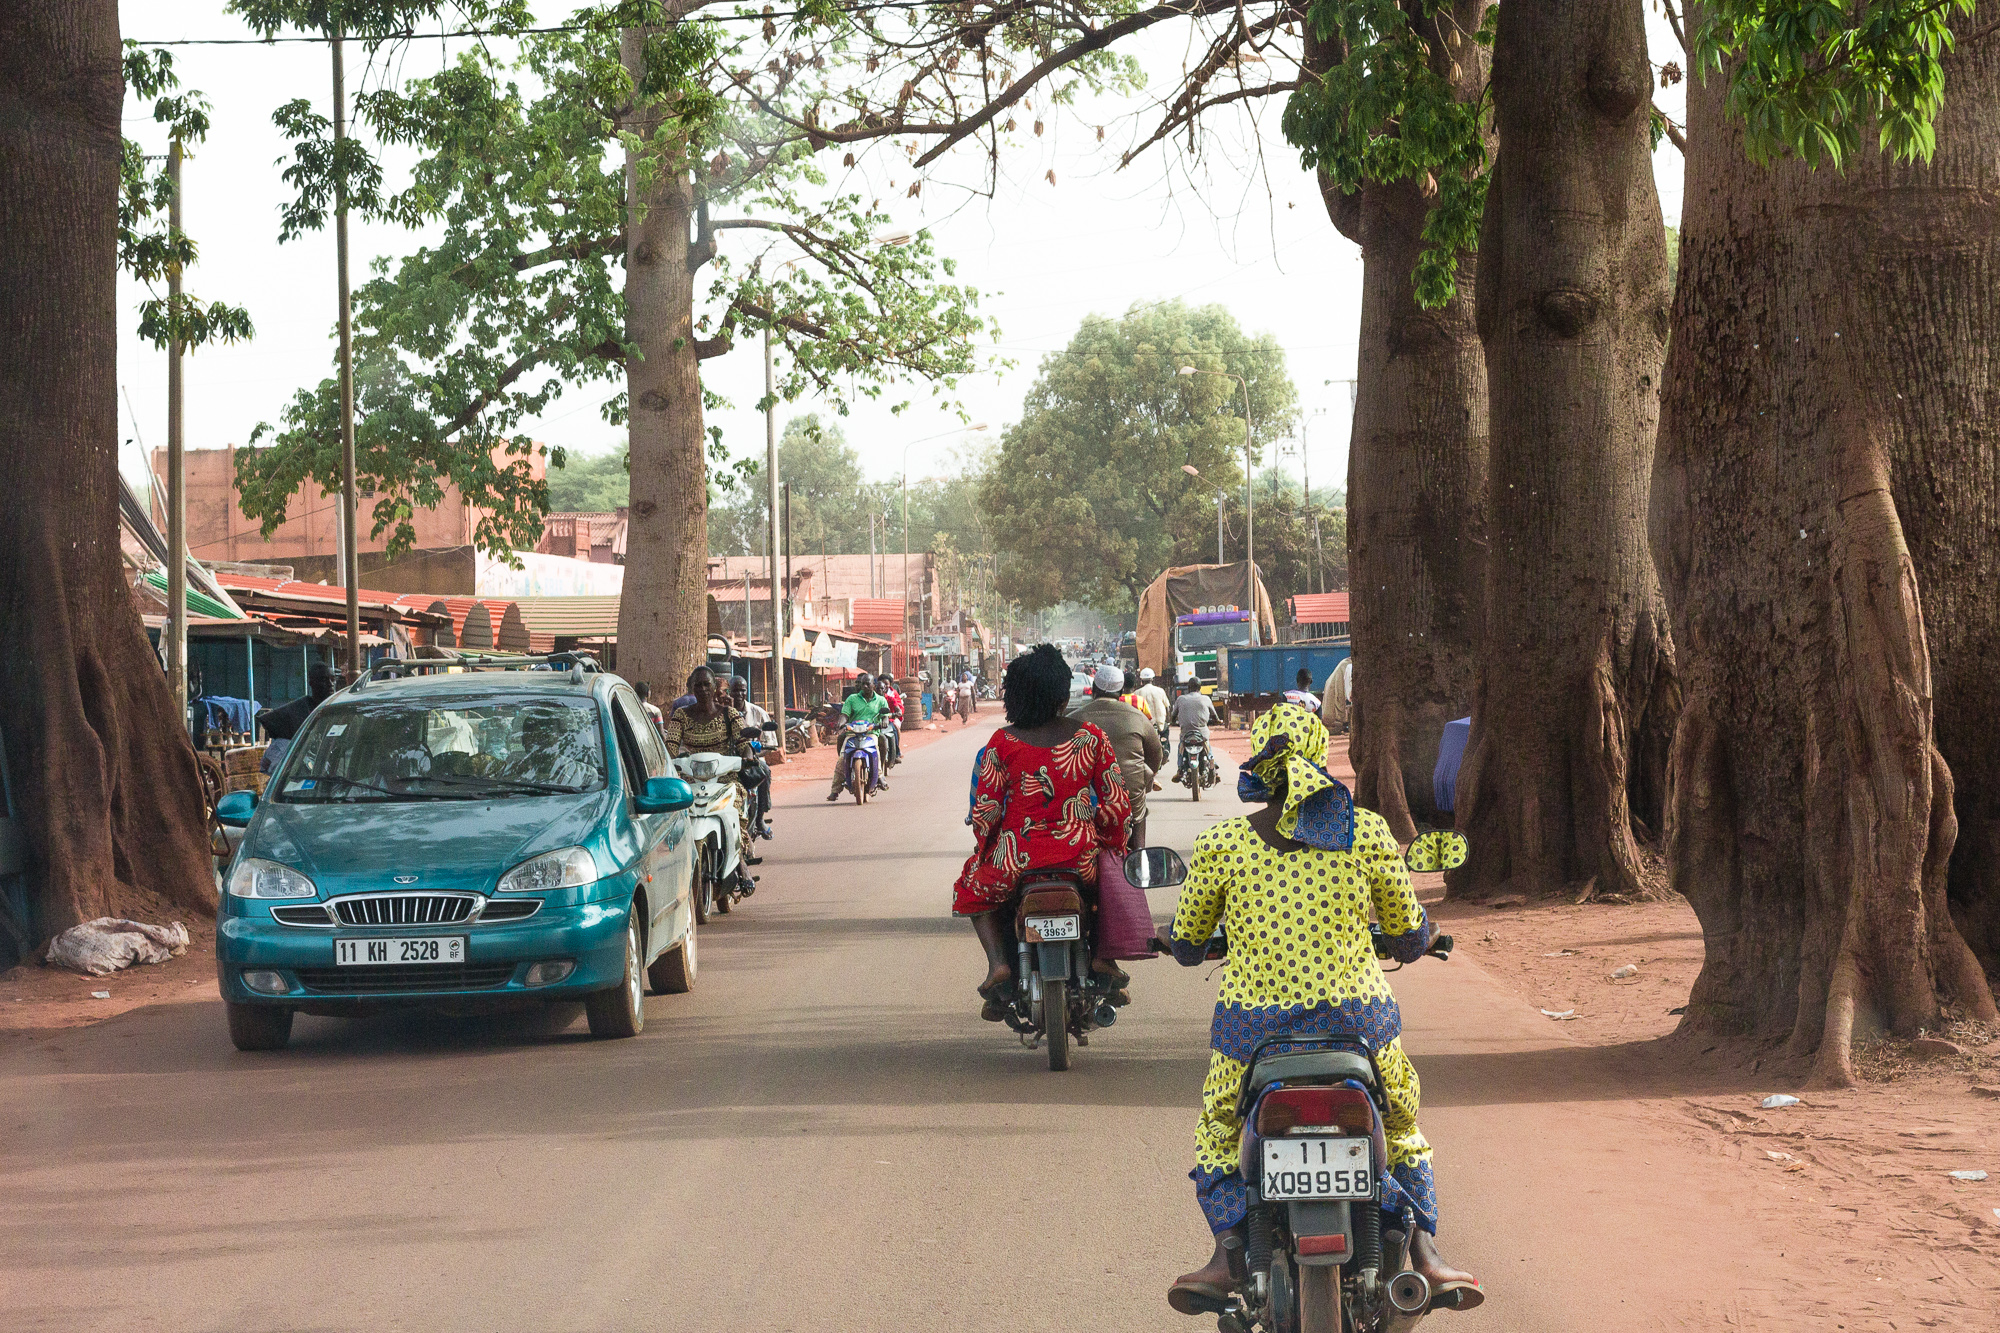 Rue bordée d'arbres de Bobo Dioulasso, Burkina Faso